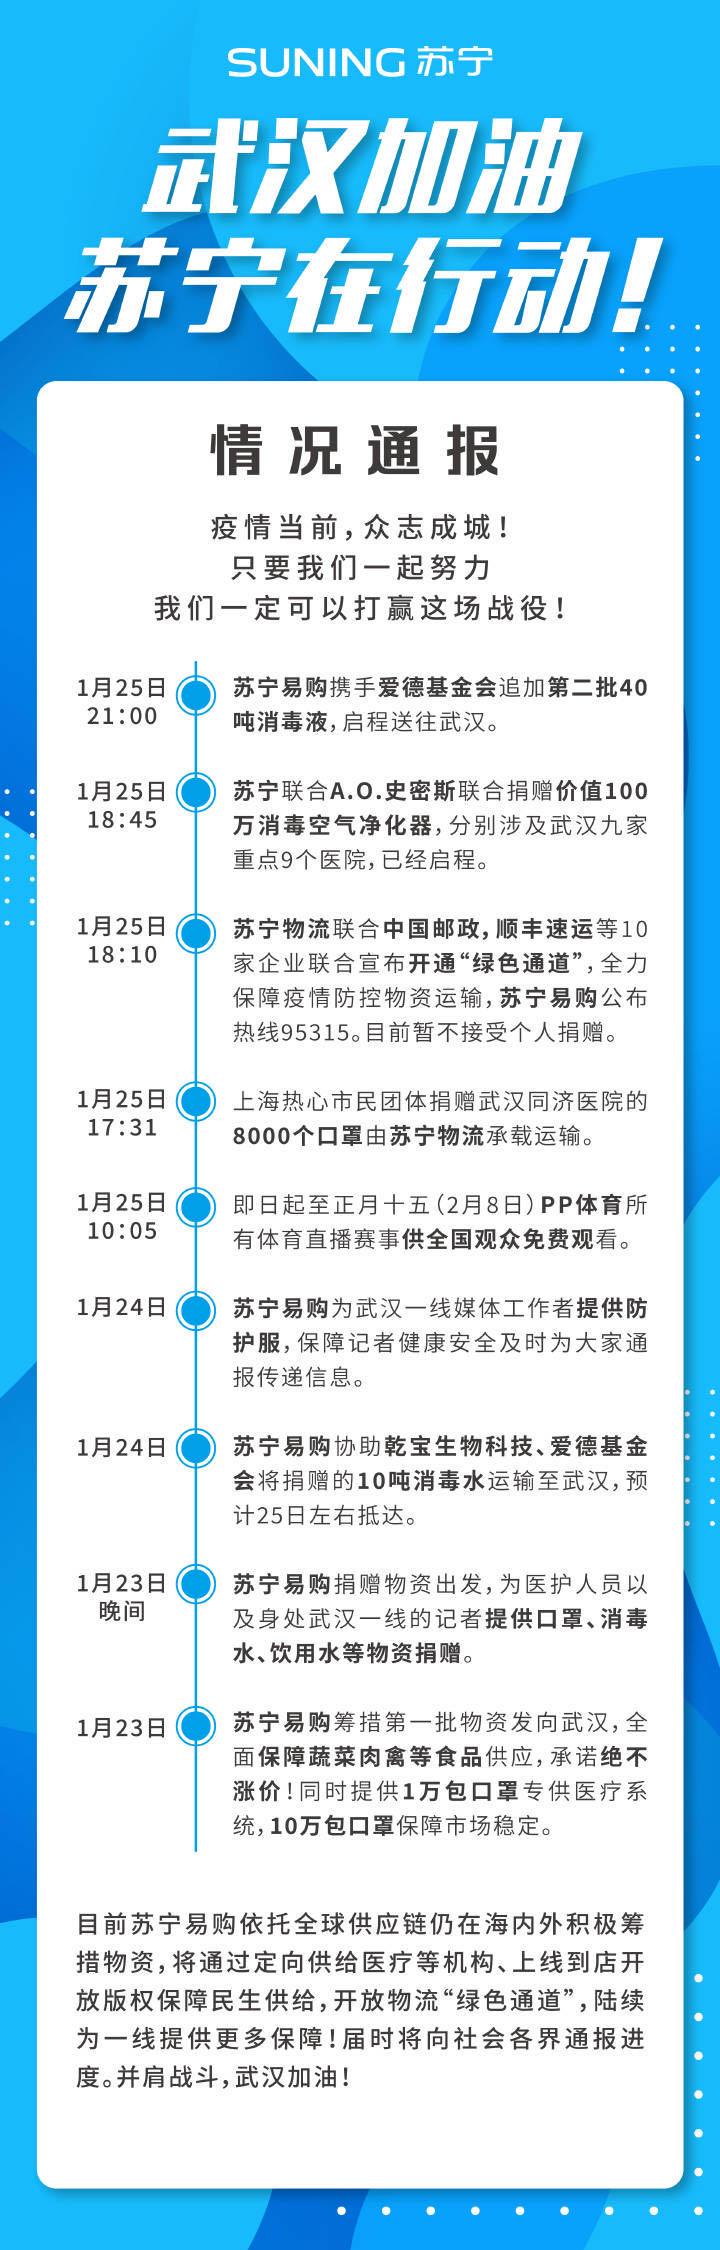 """苏宁启动第三轮捐赠计划,向武汉""""雷神山""""捐赠200万家电等物资"""